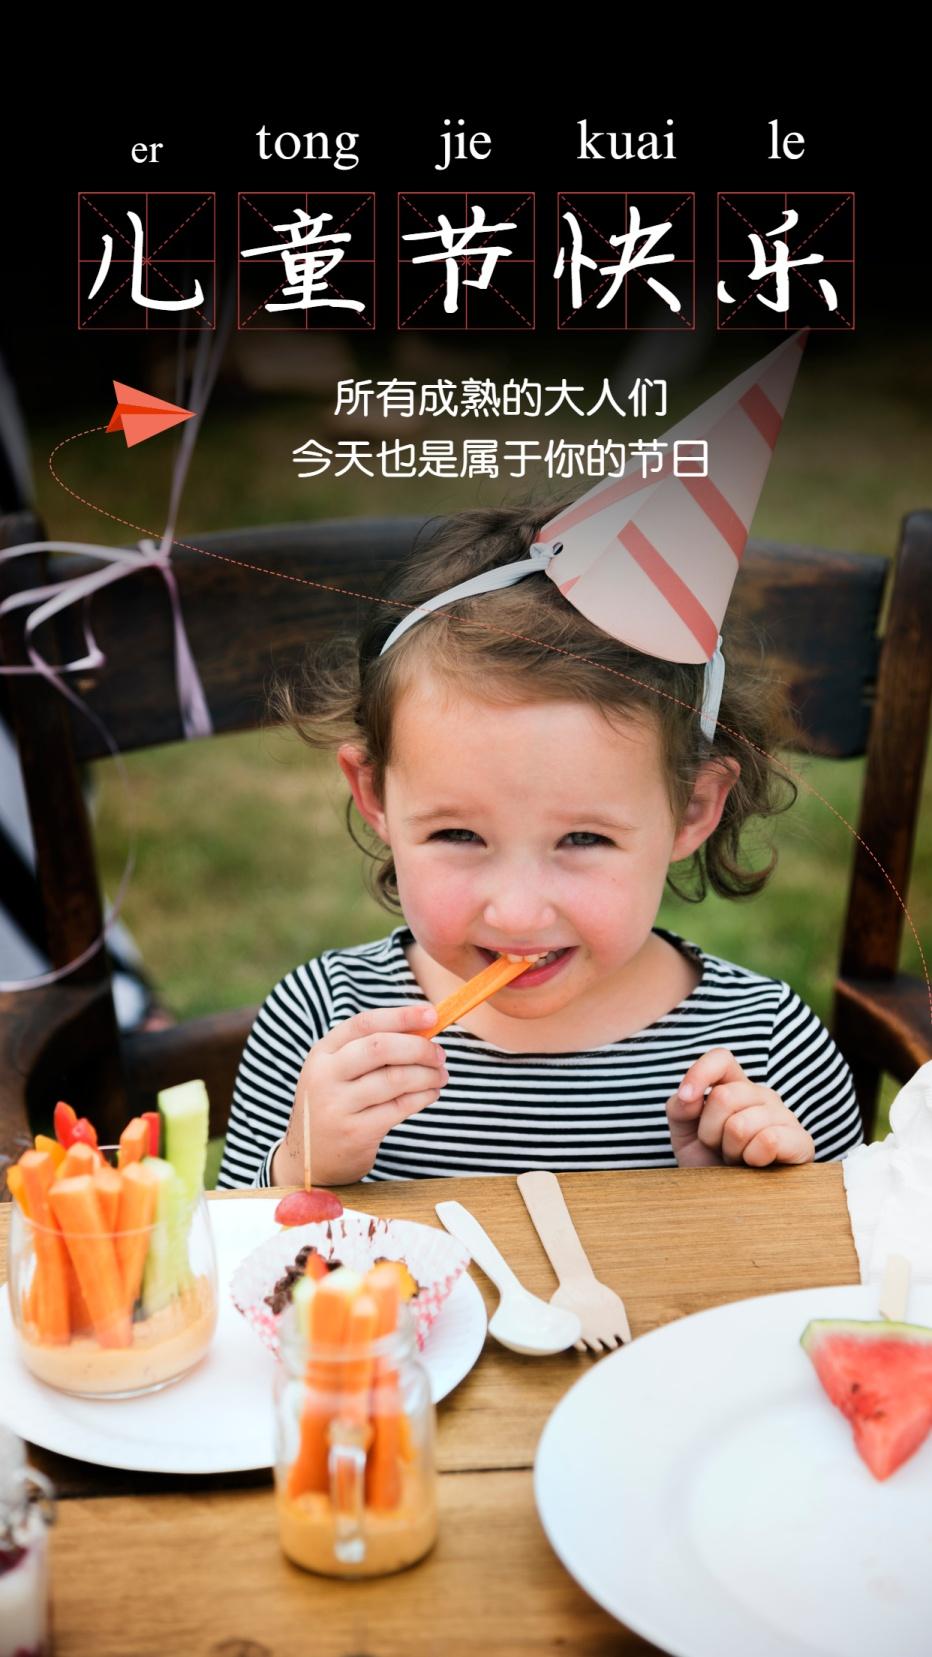 儿童节快乐手机海报